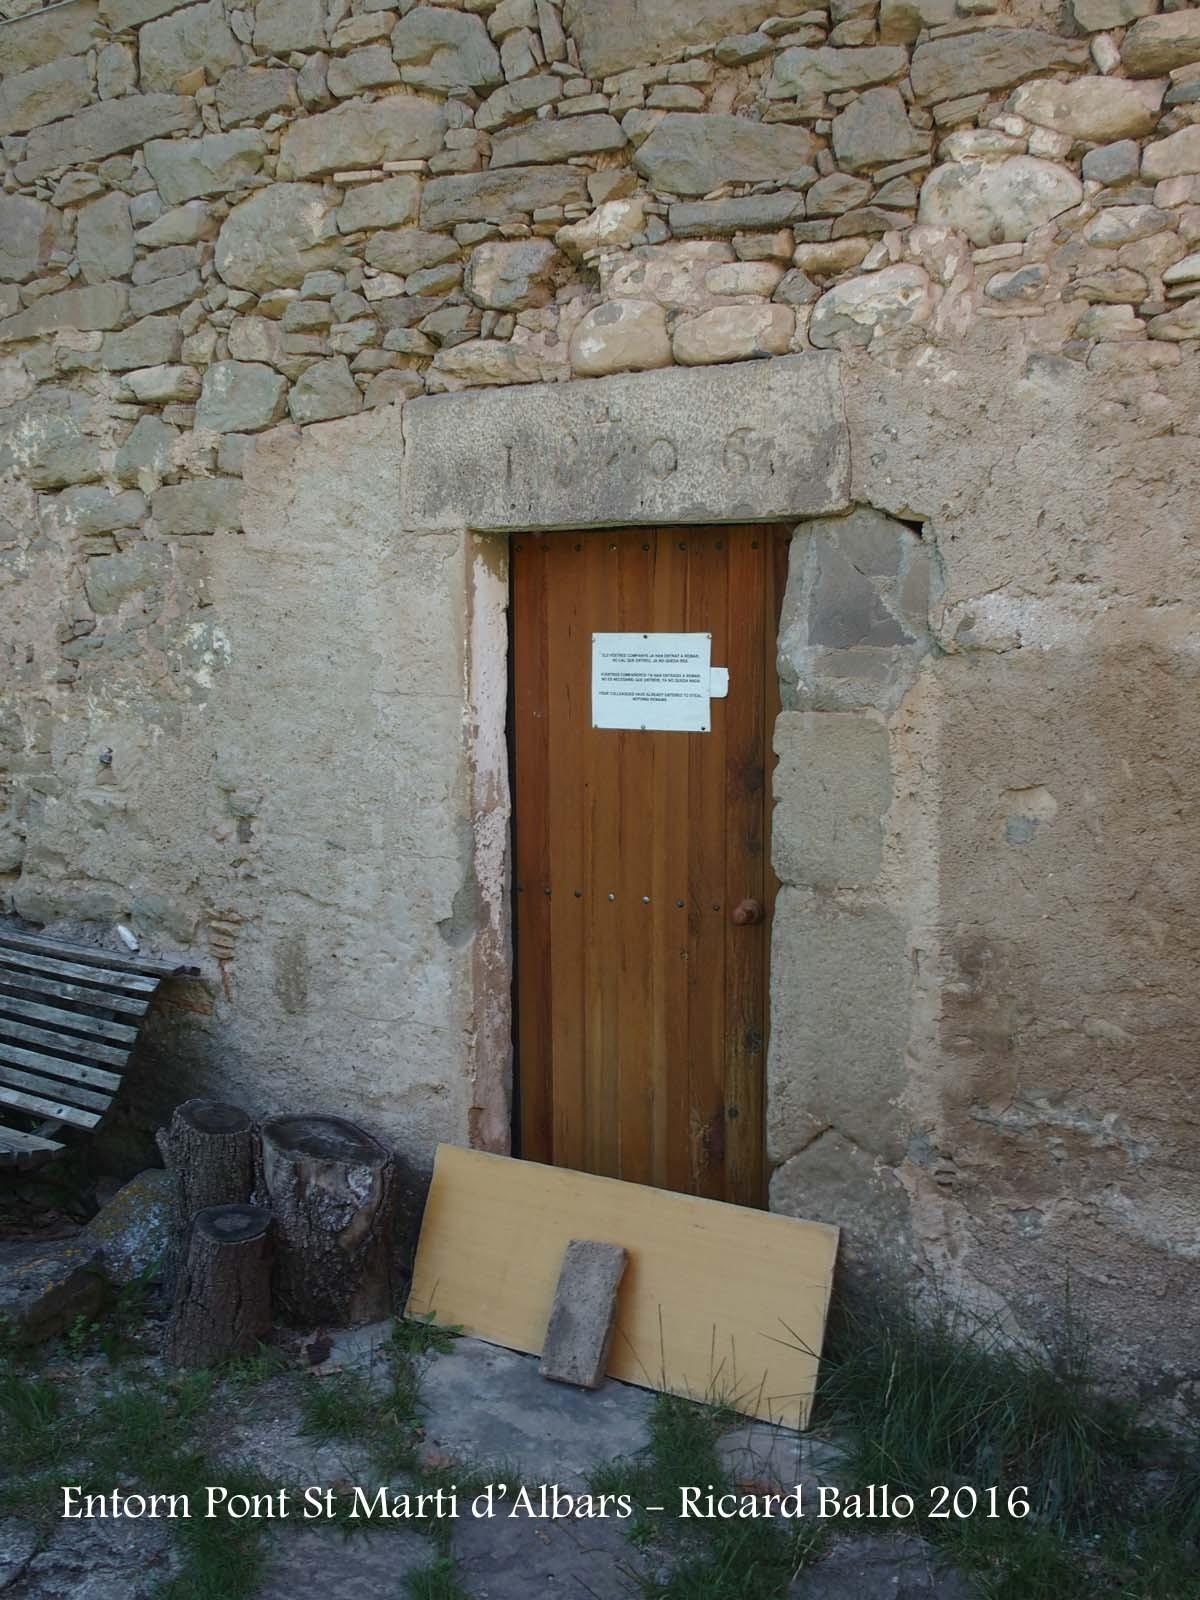 Pont de Sant Martí d'Albars - Entorn - De lluny vàrem veure que hi havia un cartell enganxat en una porta. Ens hi vàrem acostar a veure que hi deia ...